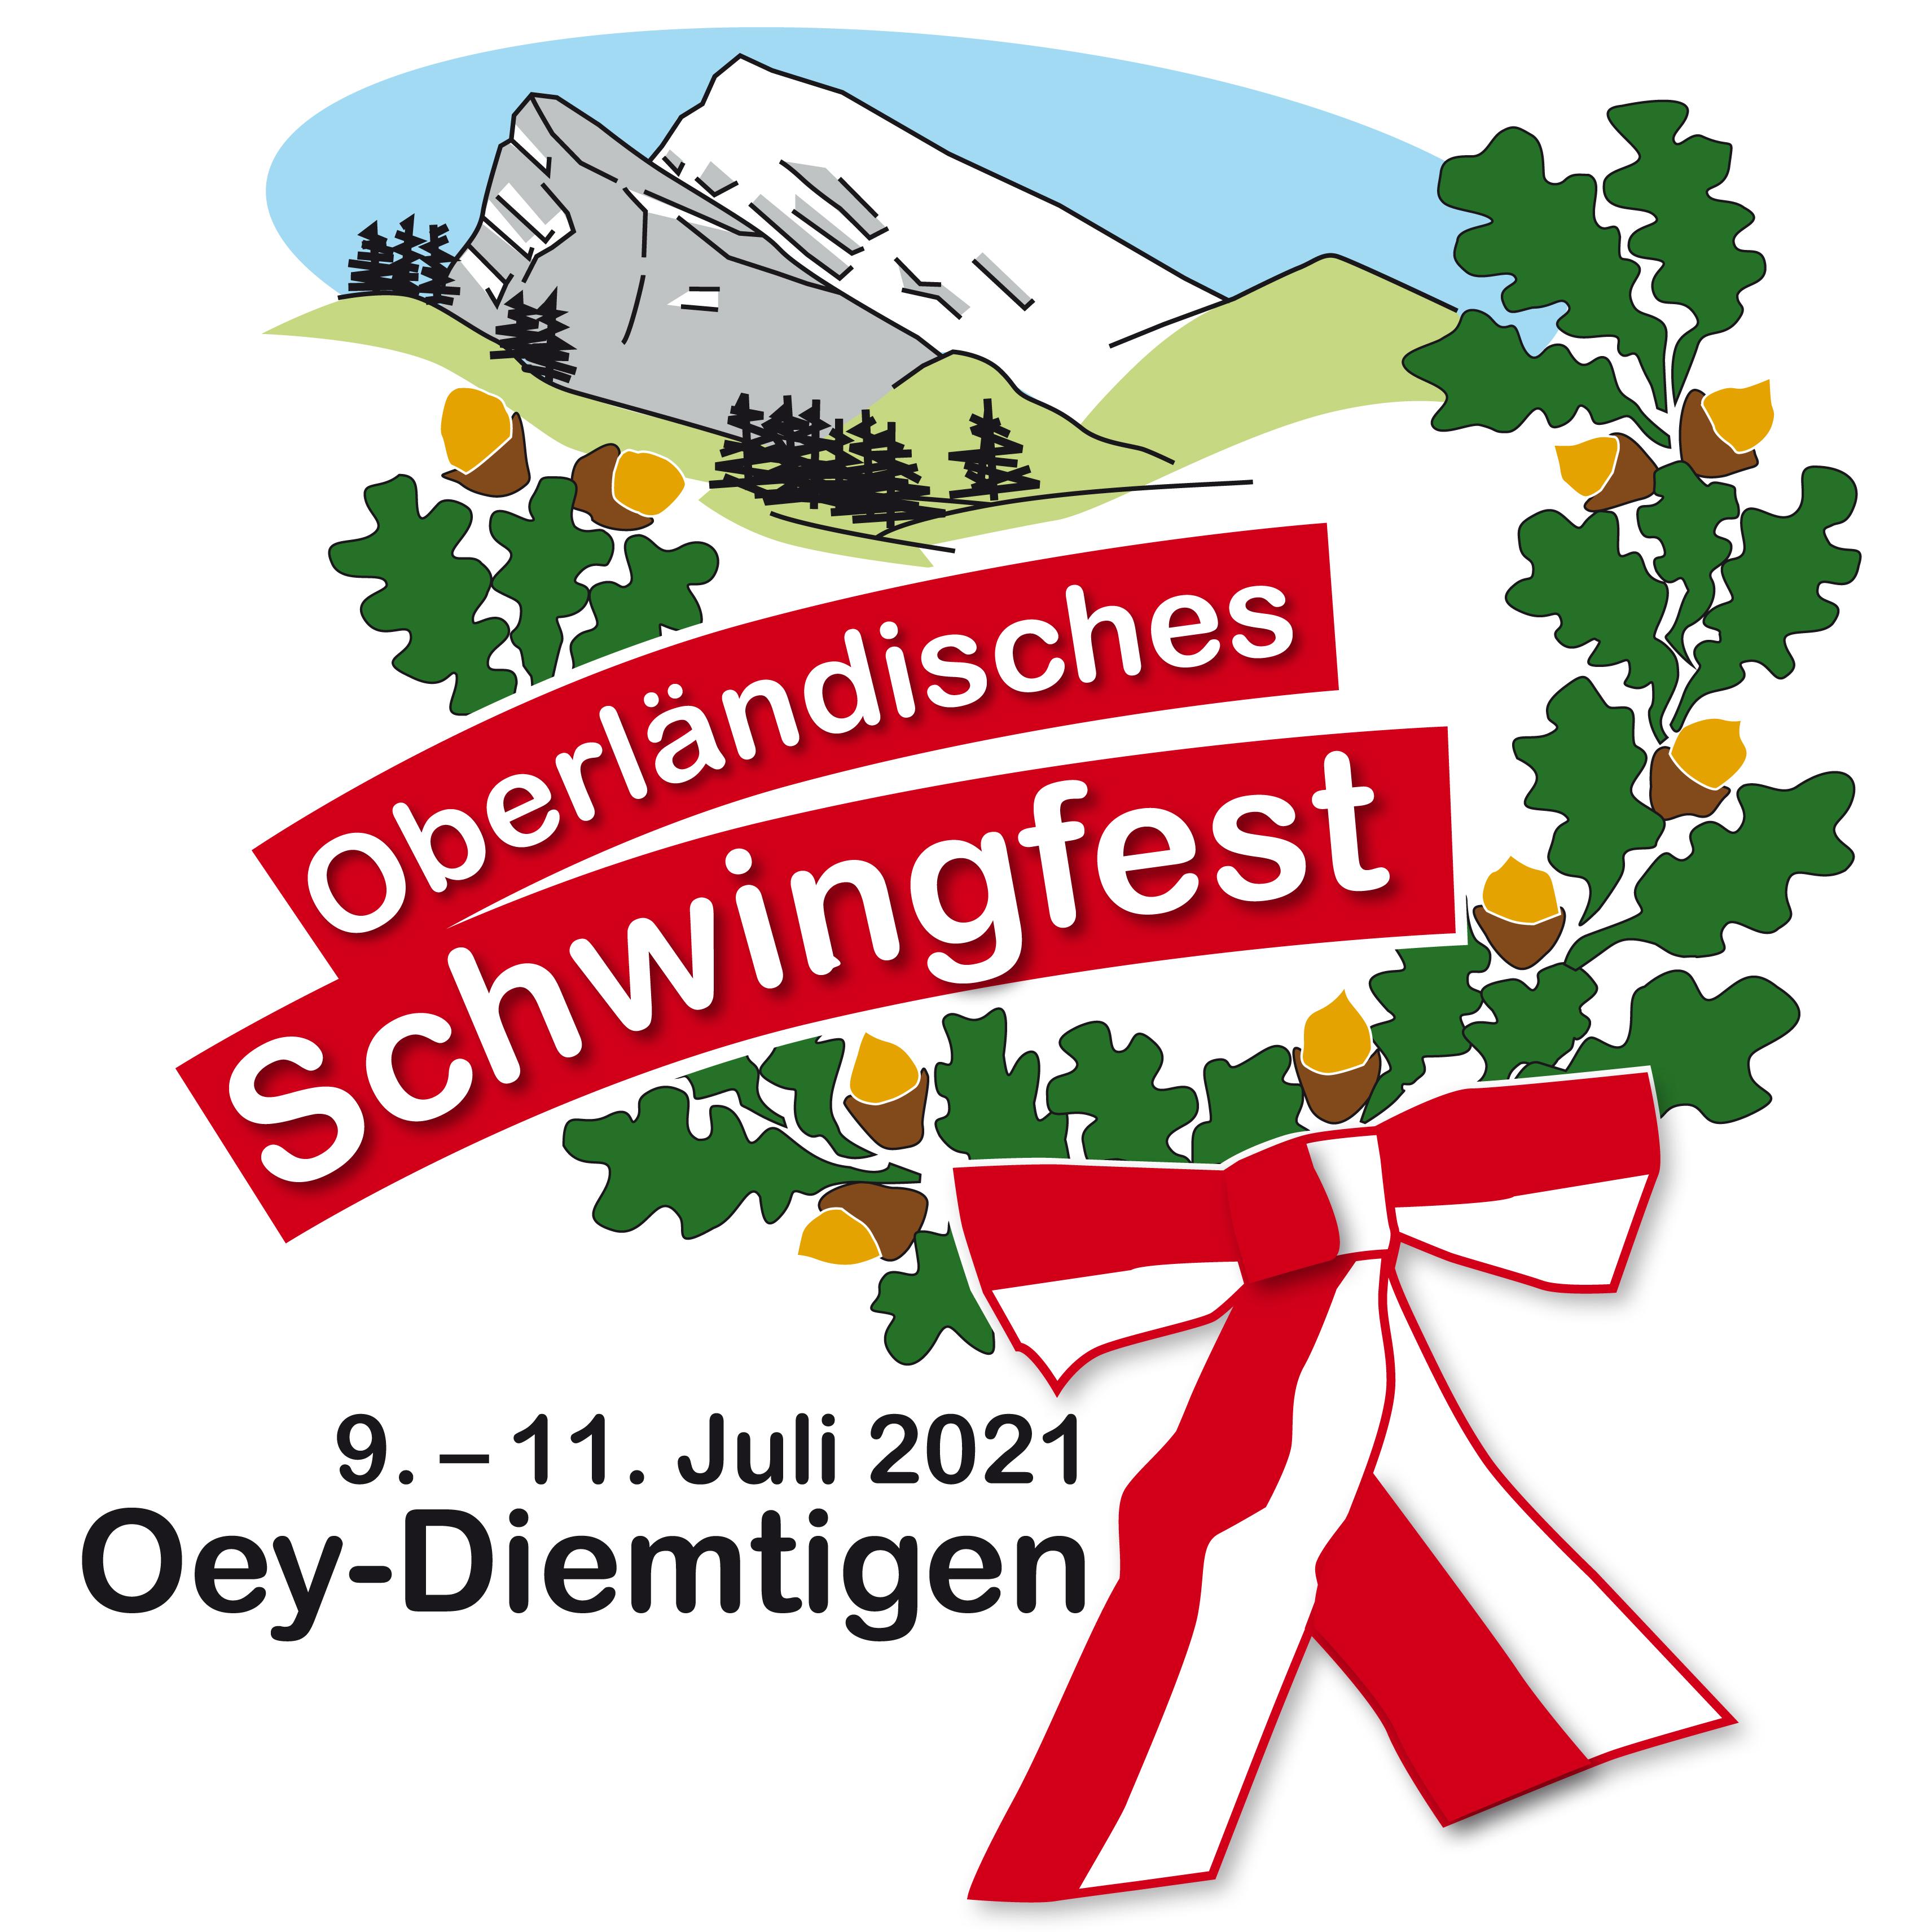 Logo Oberländisches Schwingfest Oey-Diemtigen 2021